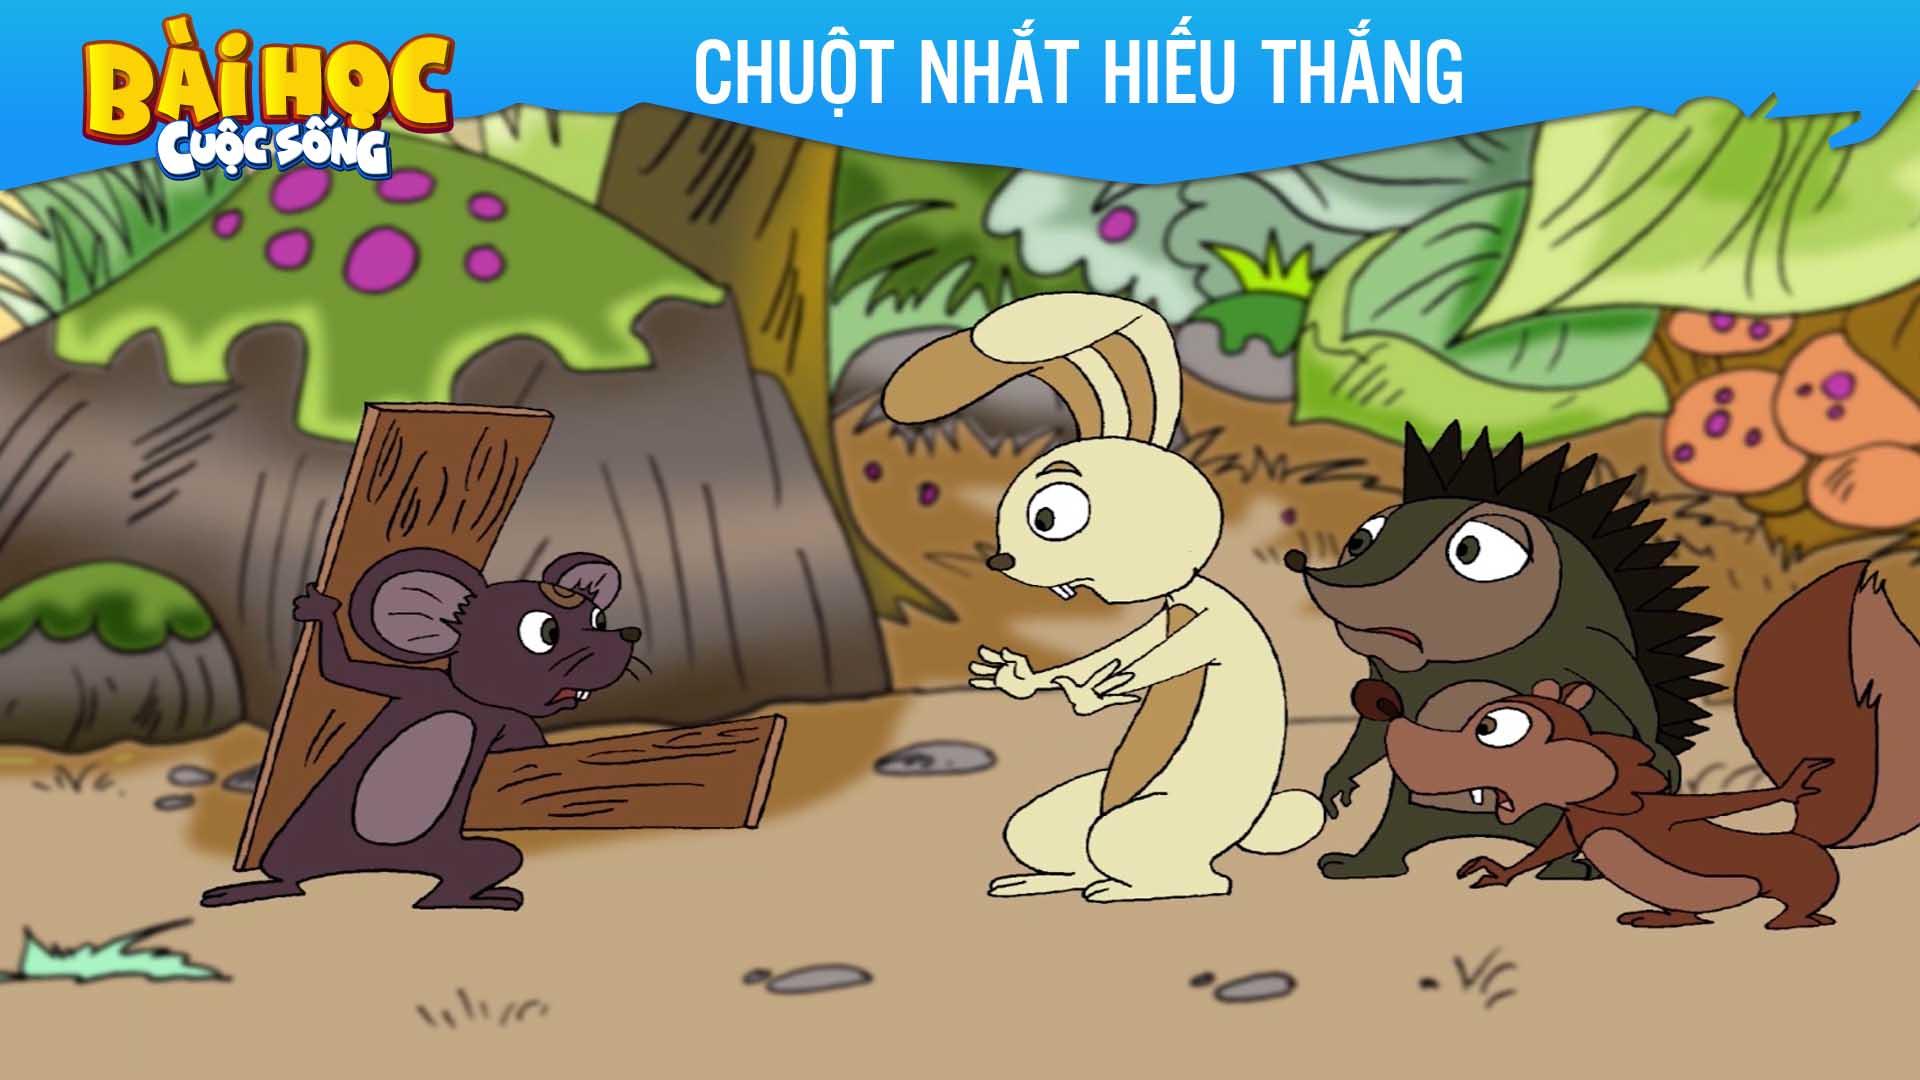 Chuột nhắt hiếu thắng - Phim hoạt hình Khoảnh khắc kỳ diệu